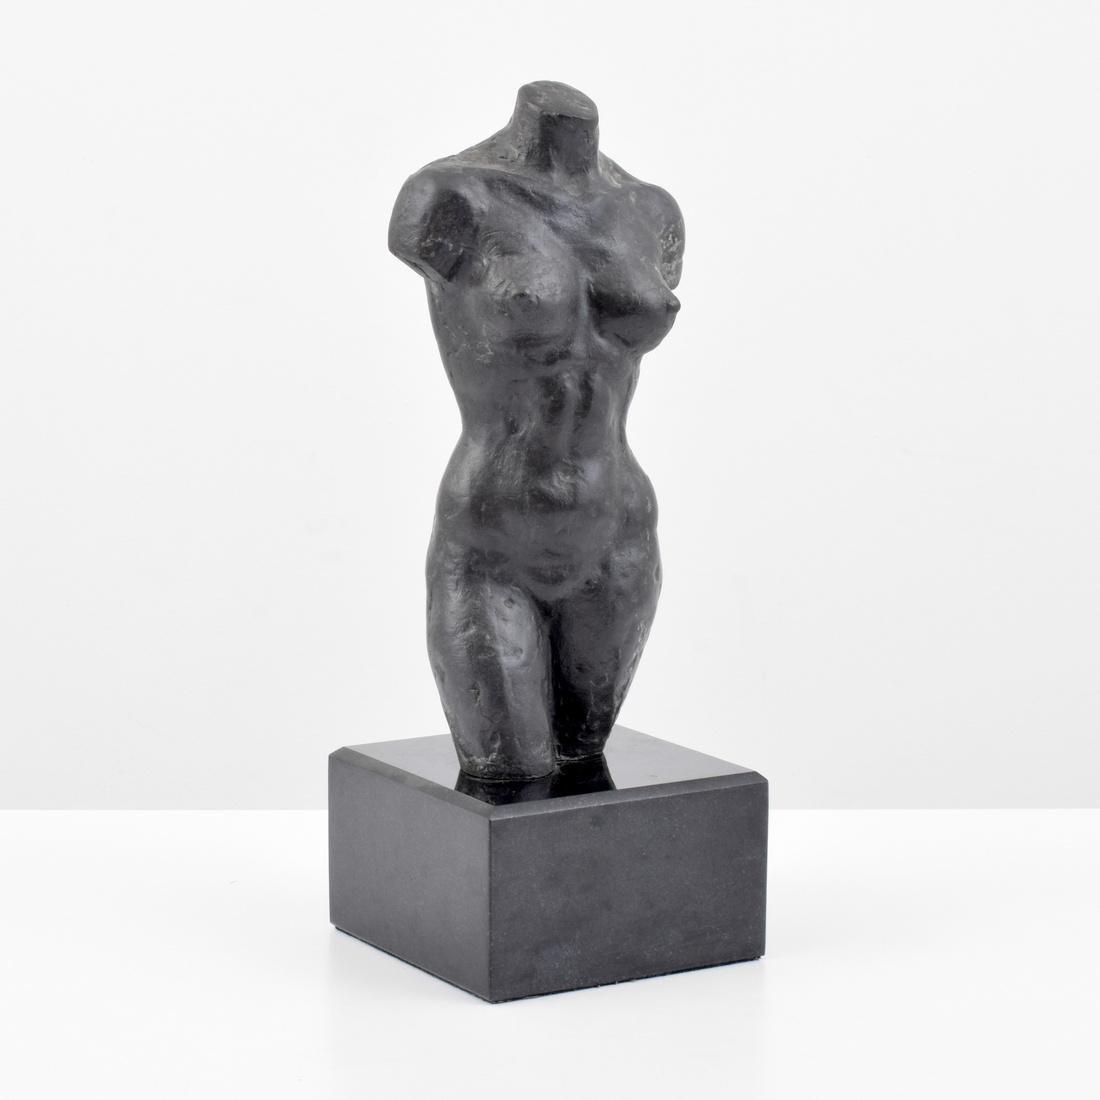 Farrah Fawcett Figural Bronze Sculpture